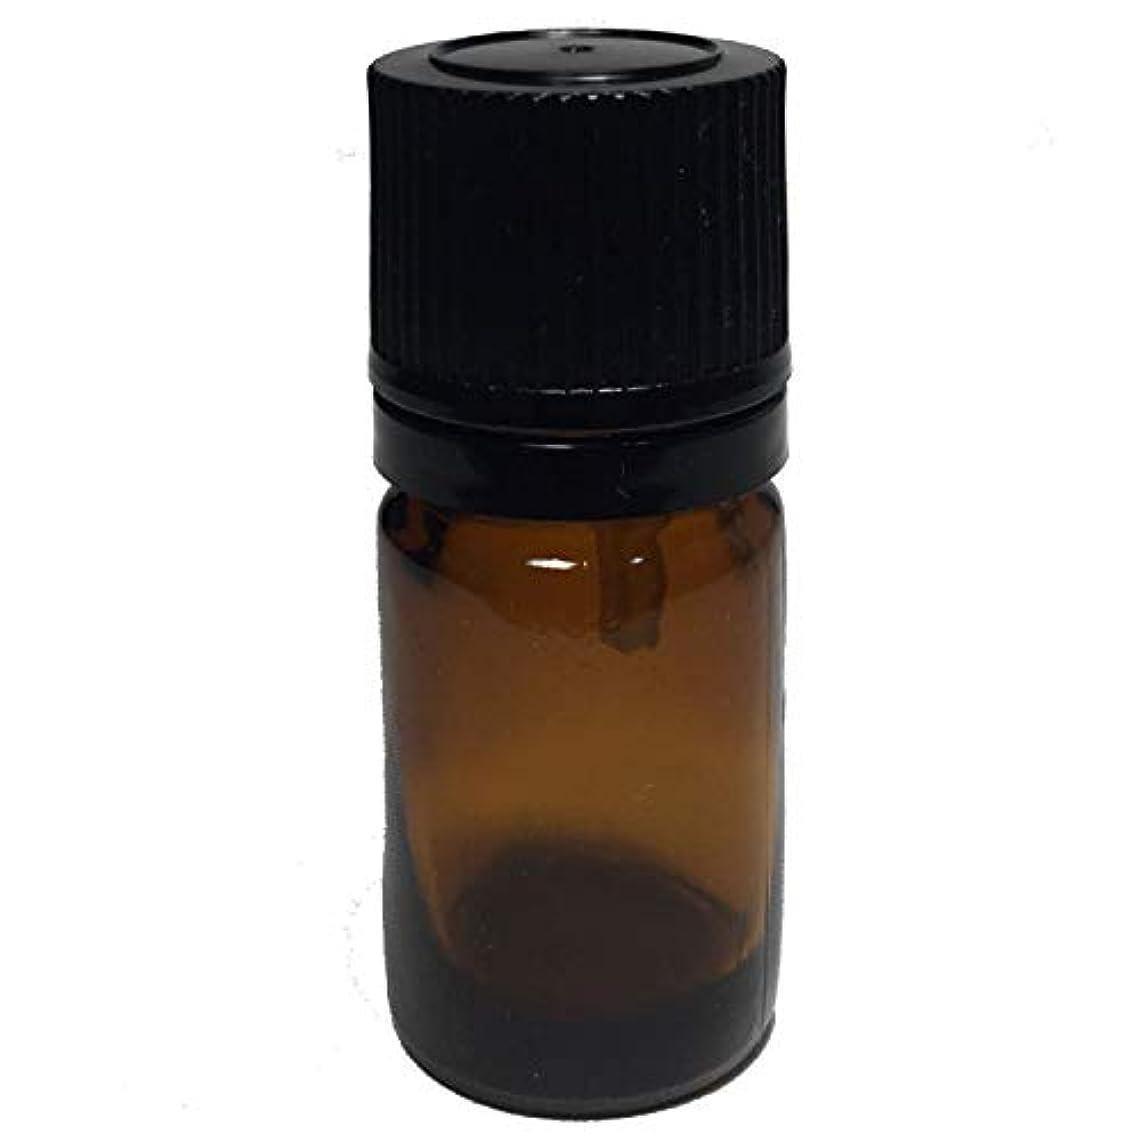 ランドリー成功したシャーエッセンシャルオイル用茶色遮光瓶 ドロッパー付き(黒キャップ) 5ml ガラスビン 10本セット